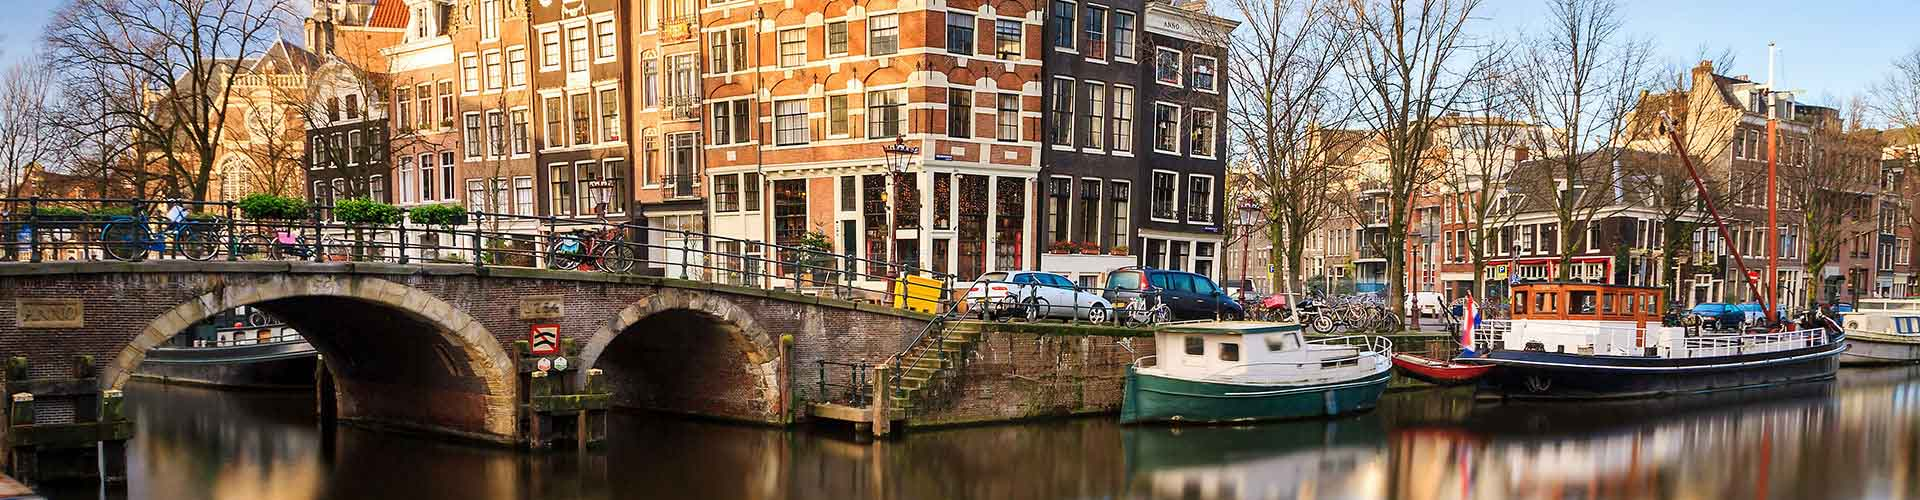 Amsterdam - Appartements près de Joods Historisch Museum. Cartes pour Amsterdam, photos et commentaires pour chaque appartement à Amsterdam.